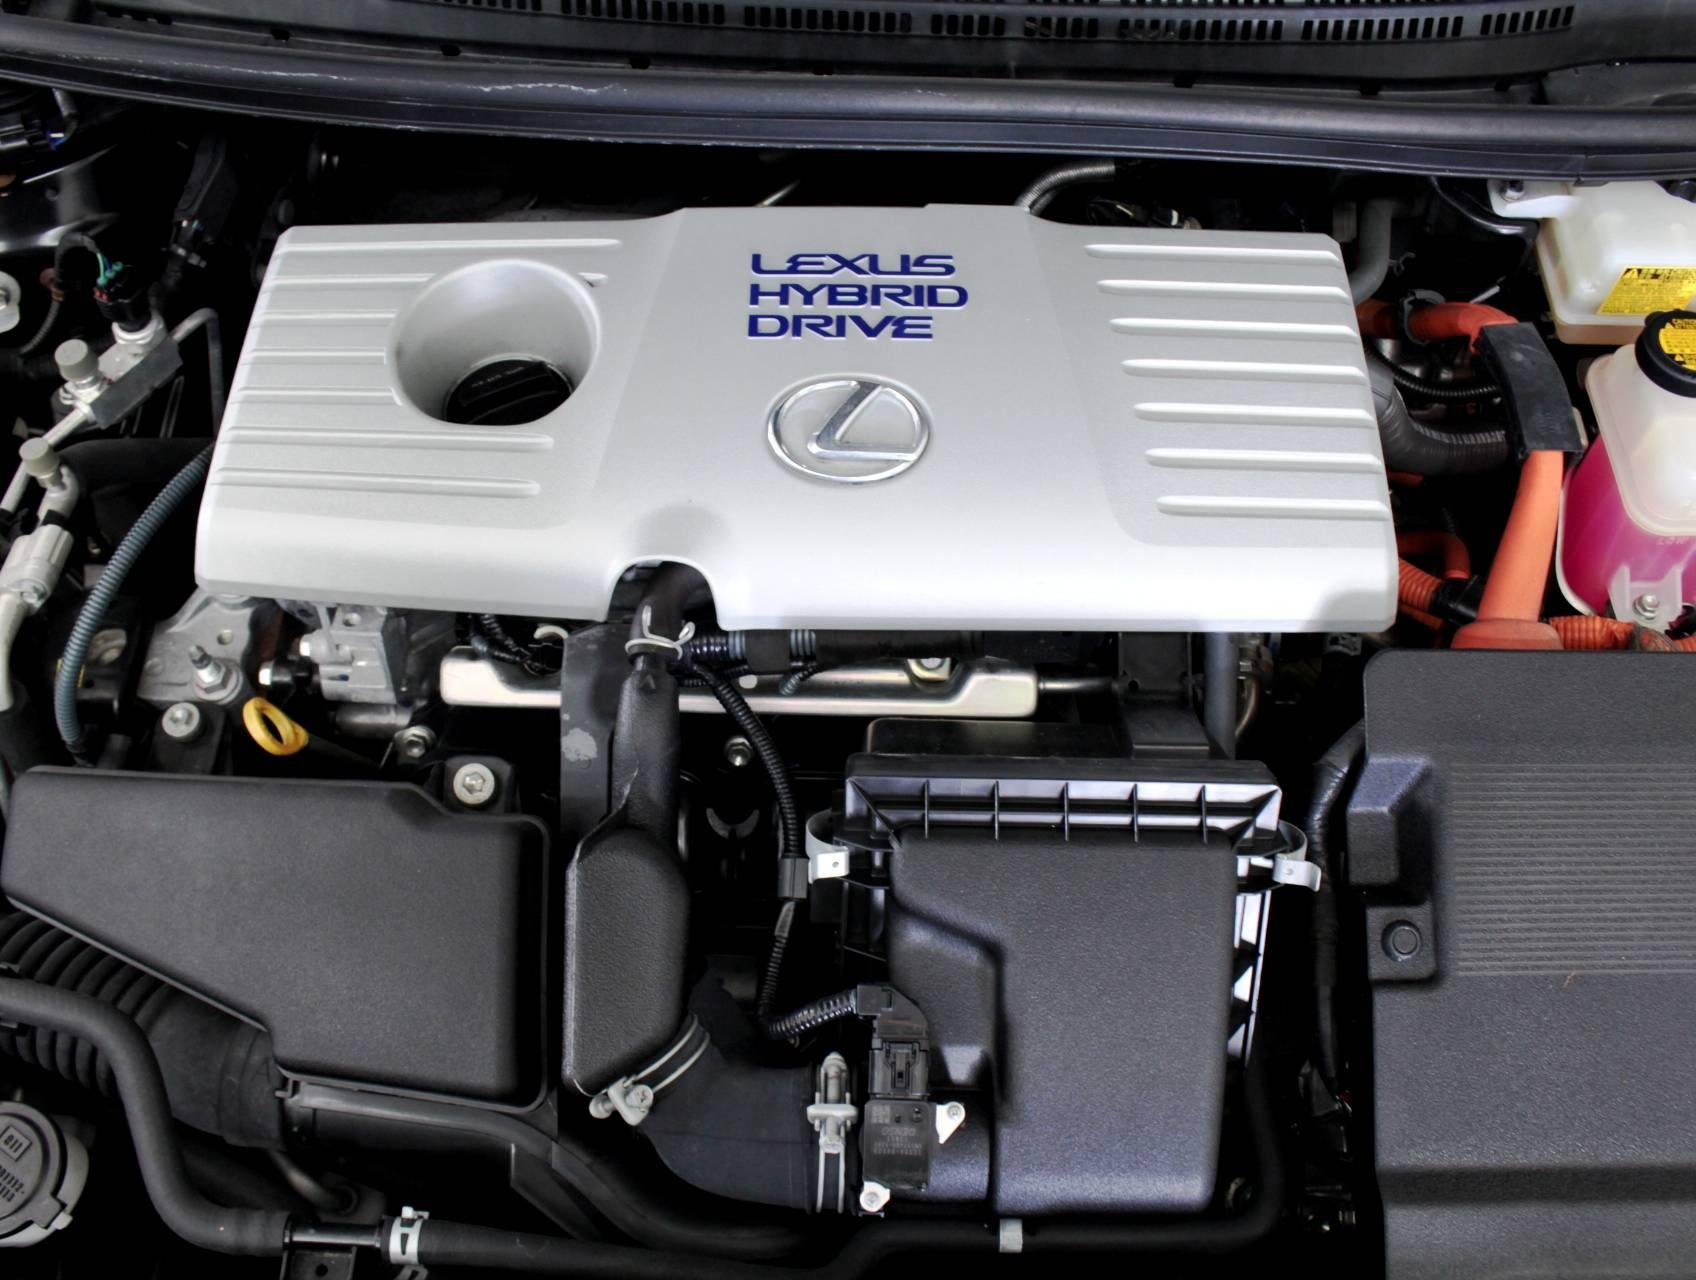 Used 2012 LEXUS CT 200H Premium Sedan for sale in MIAMI FL